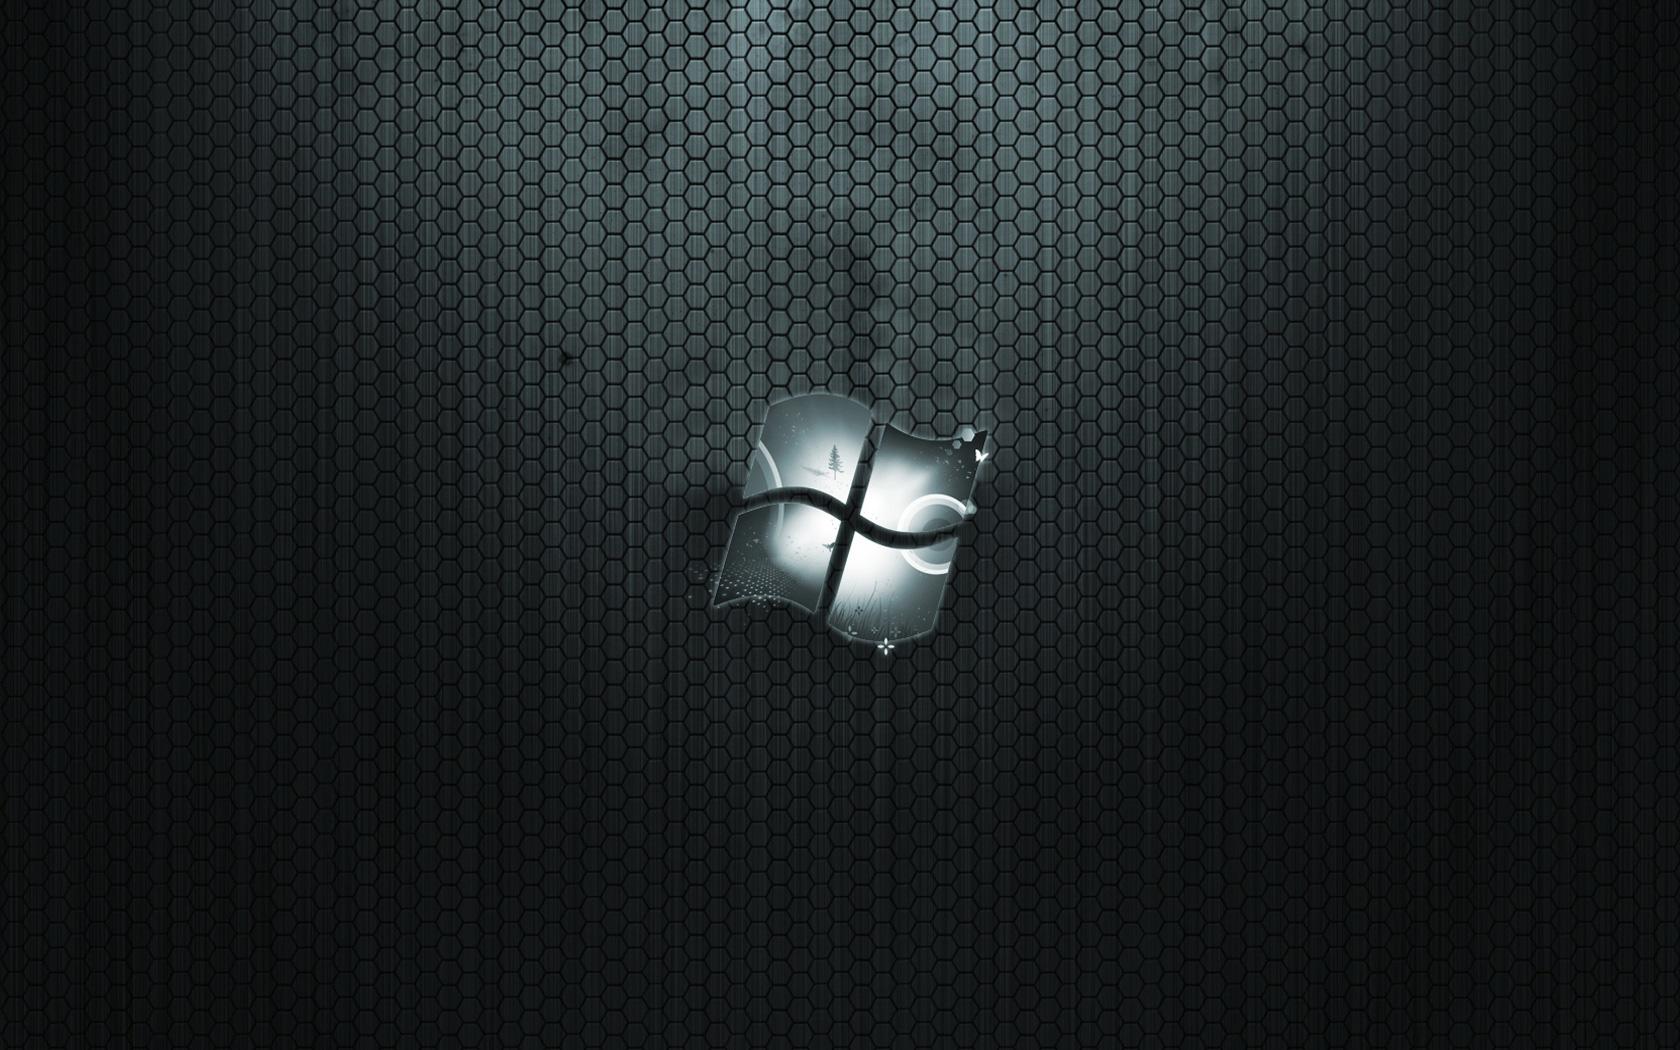 Windows XP metal wallpaper, скачать фото, обои для рабочего стола